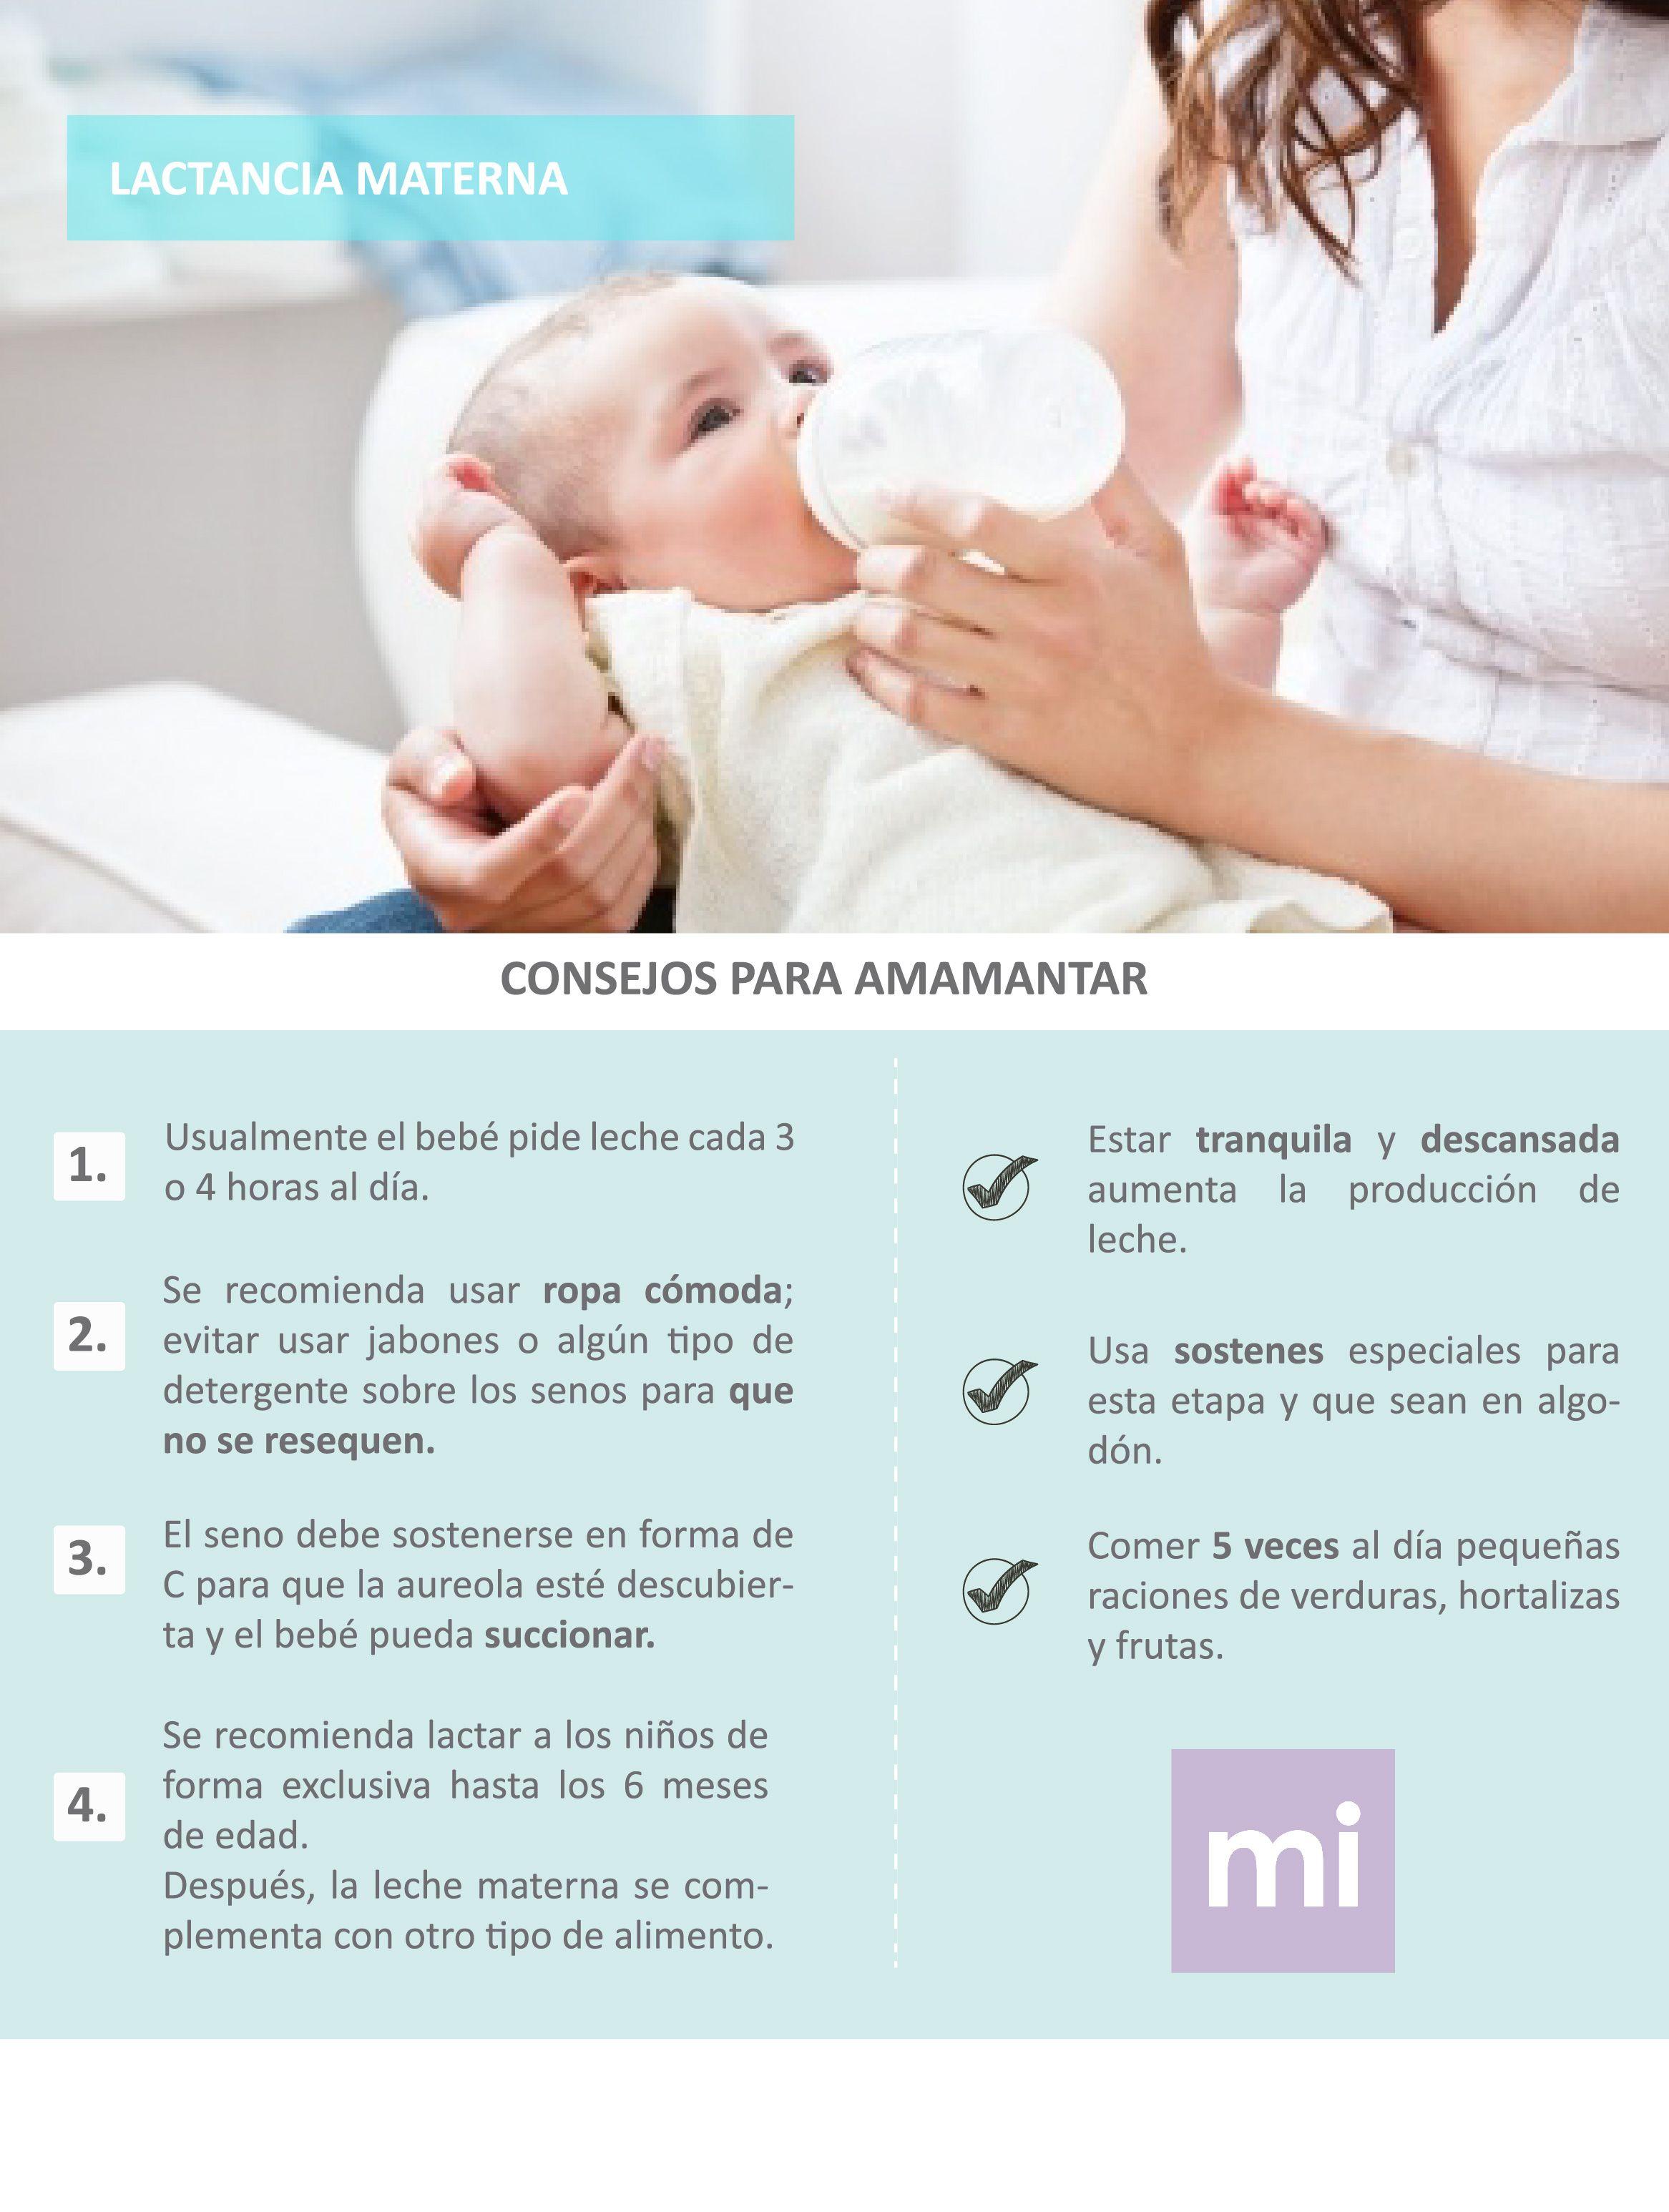 consejos para aumentar la lactancia materna